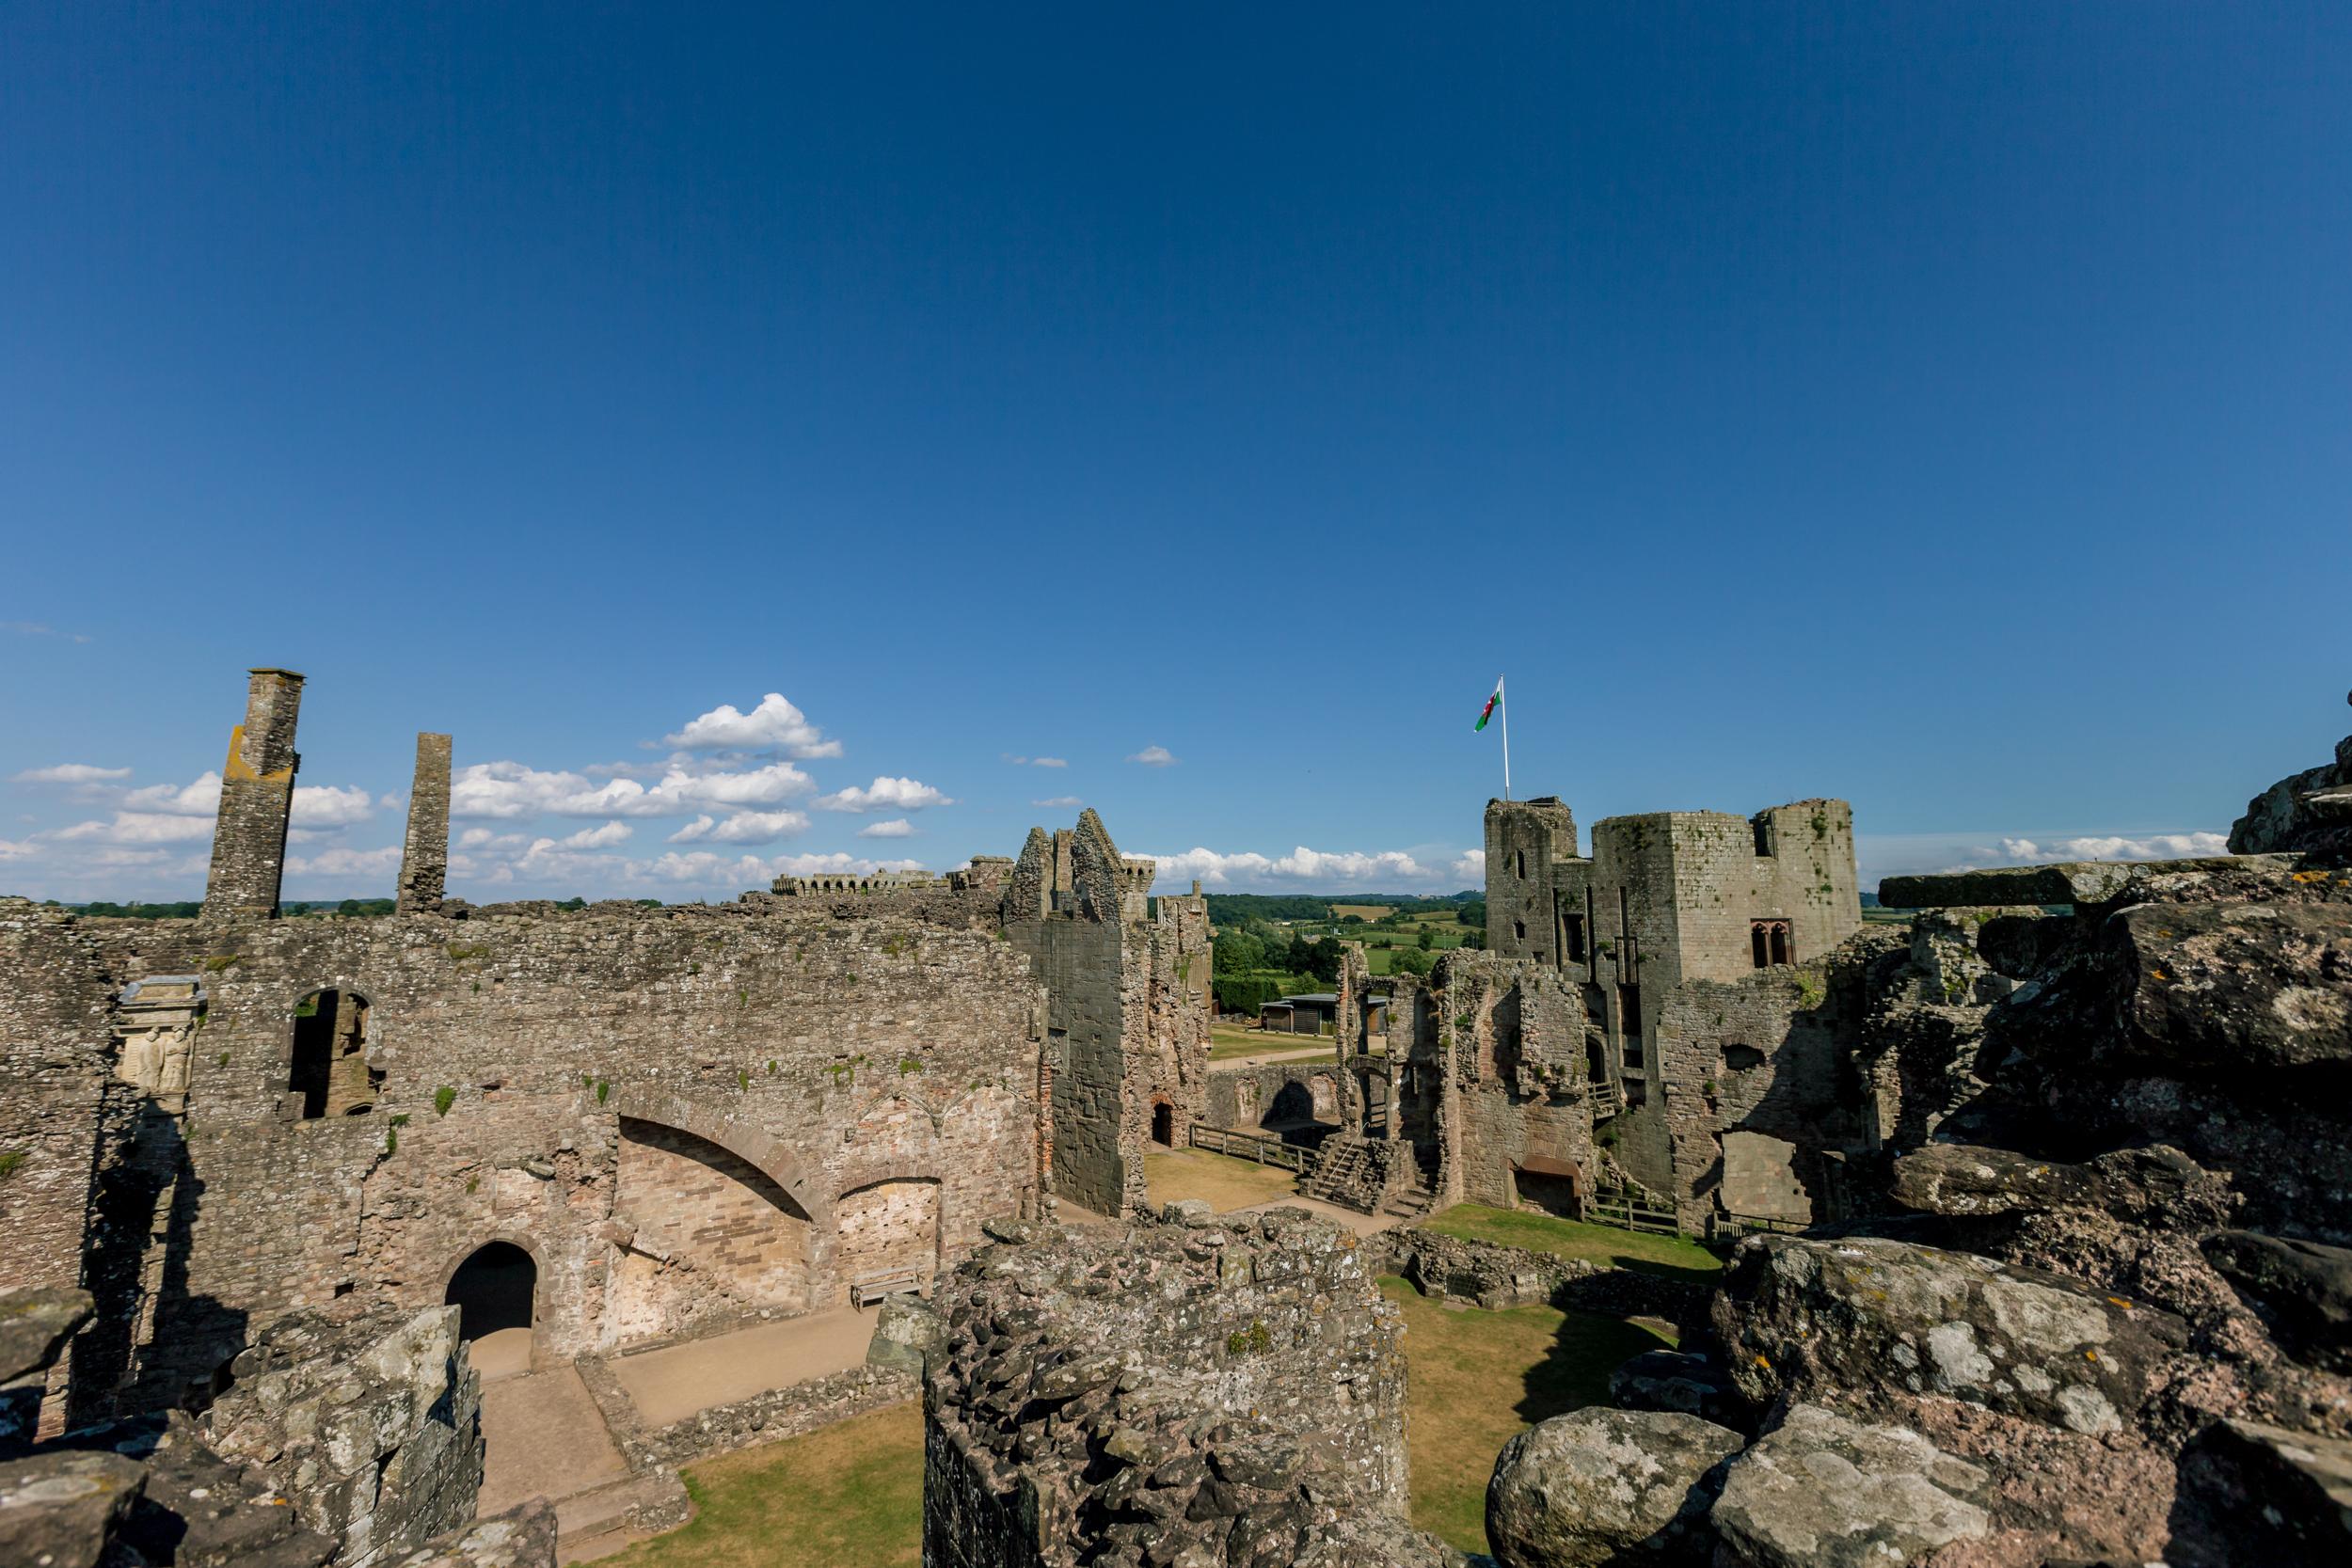 ©Jennifer Bailey 2013 Raglan Castle, Wales